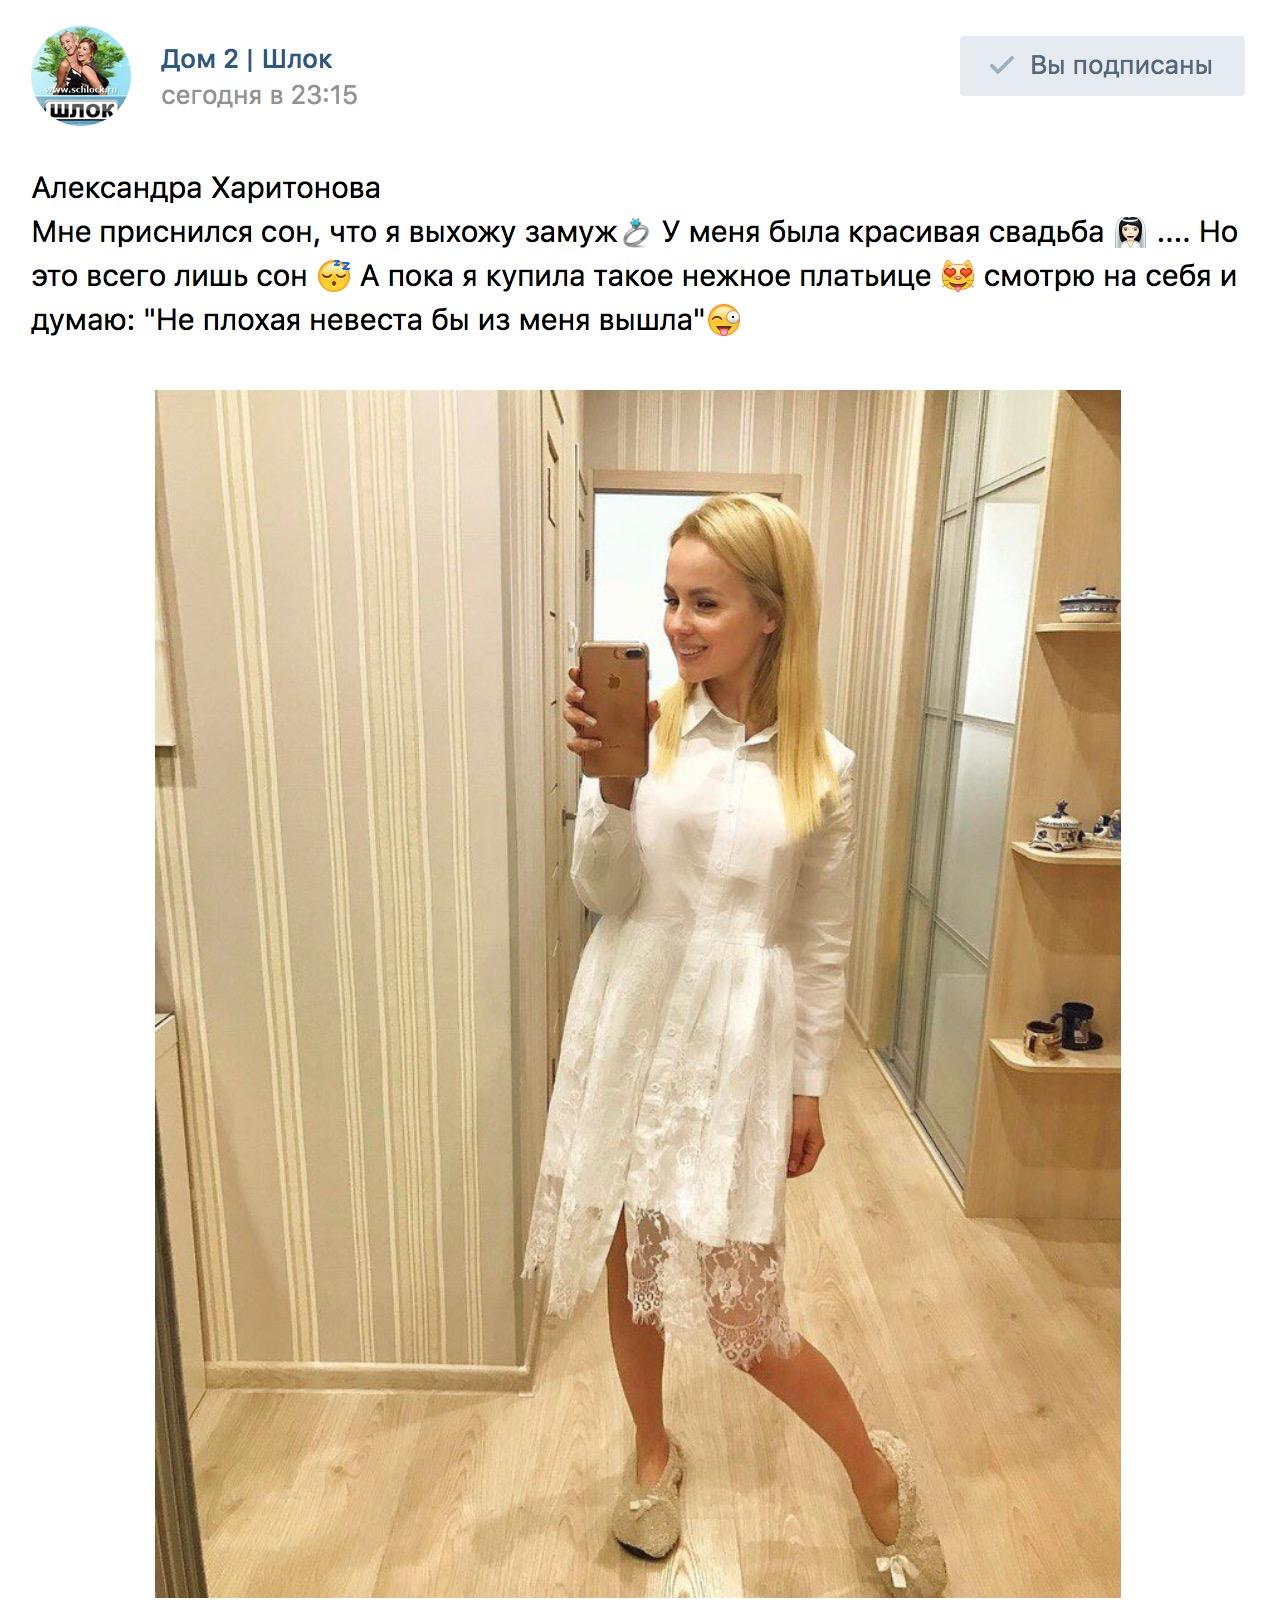 всего, александра харитонова вышла замуж фото один наиболее известных